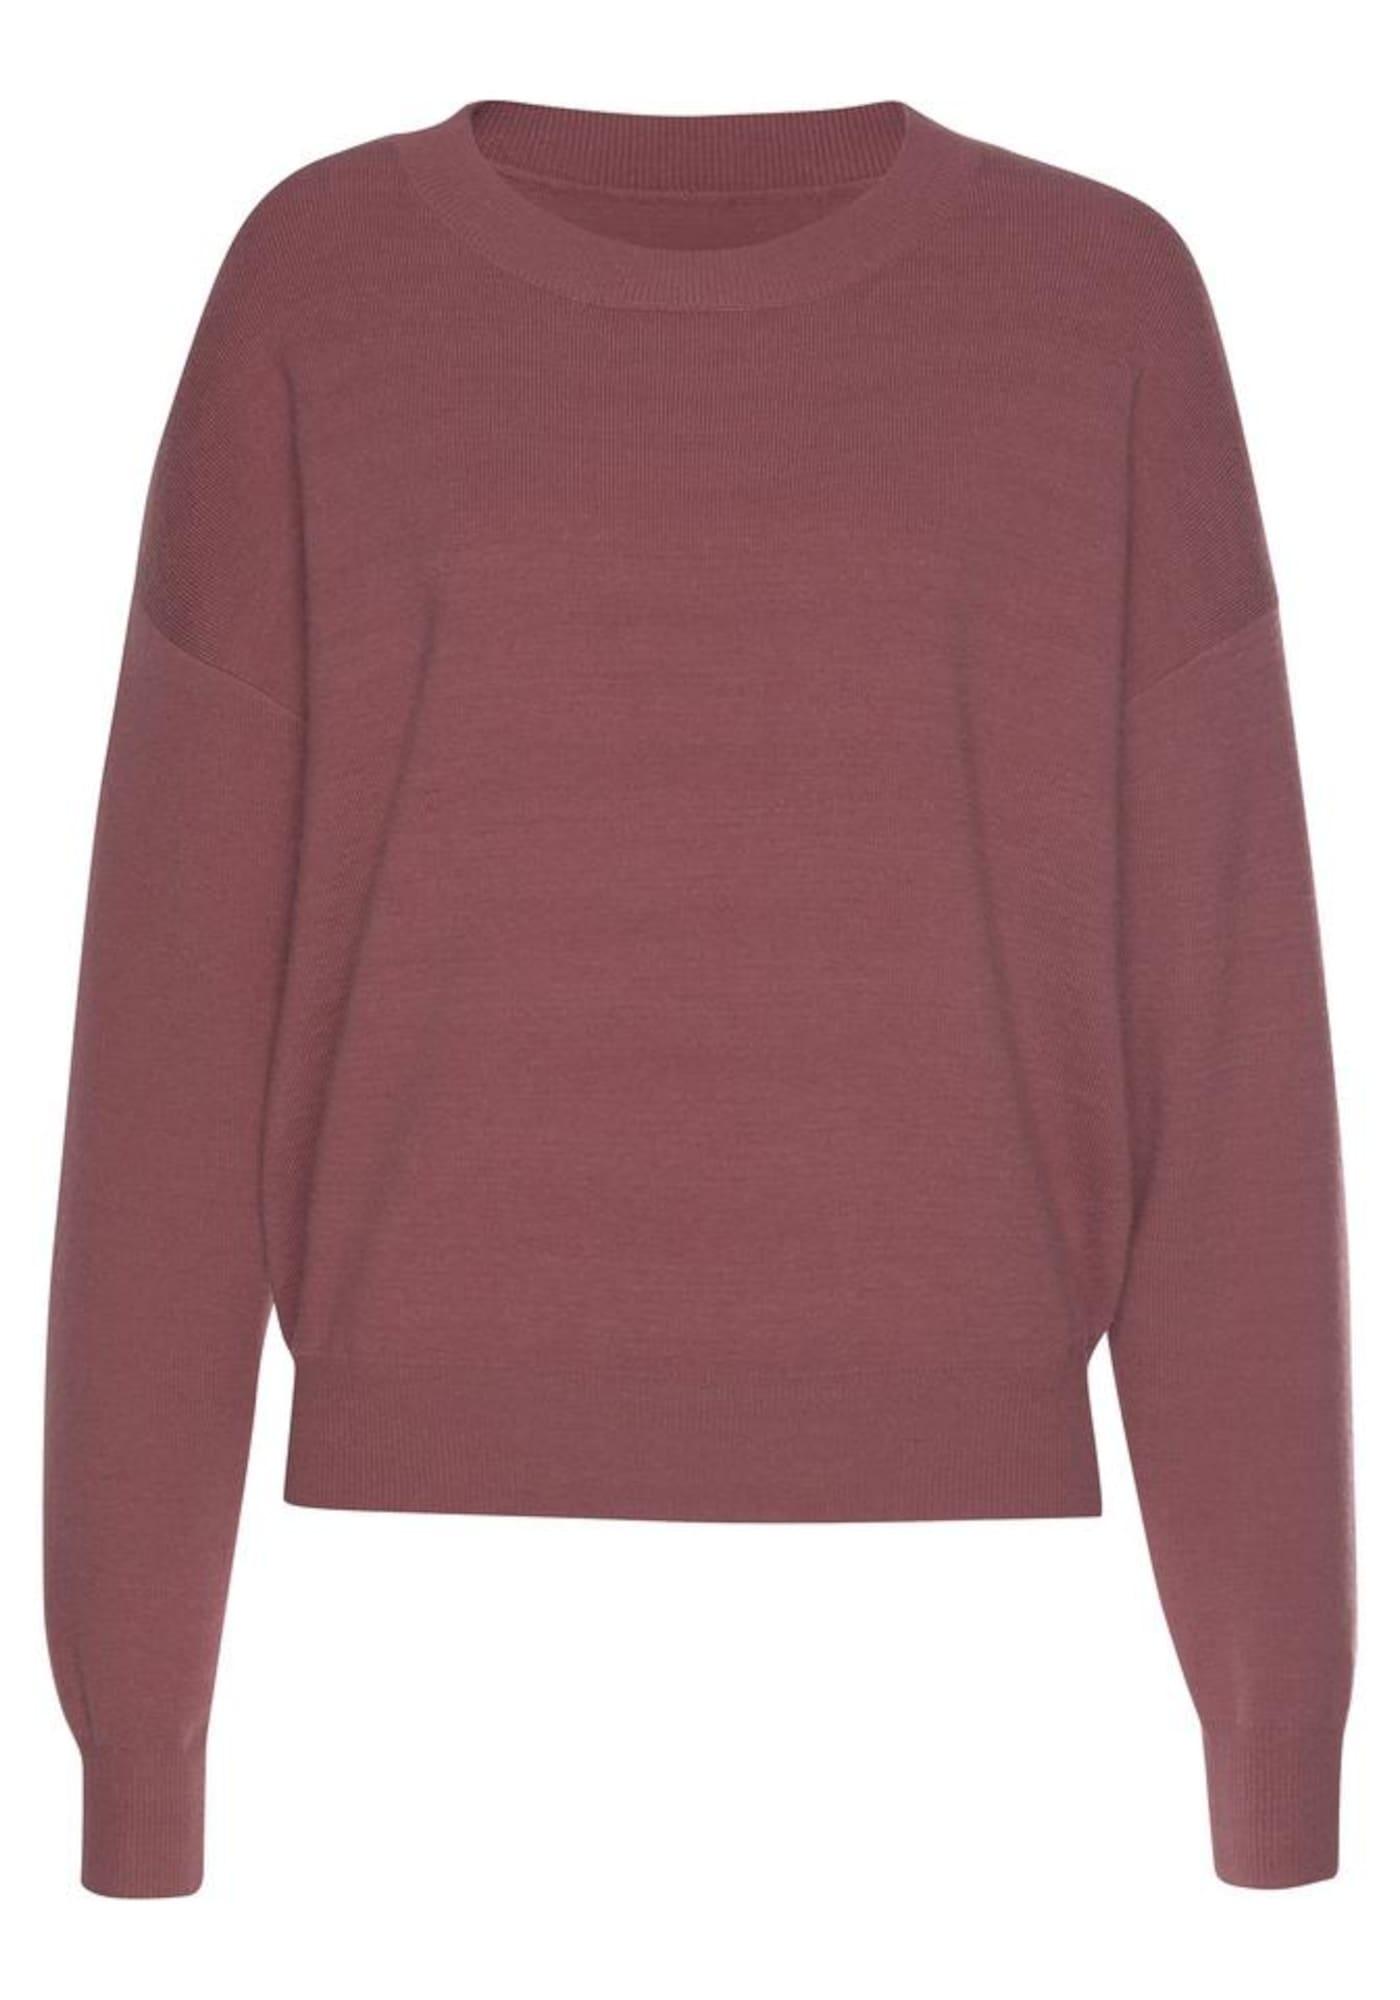 BUFFALO Megztinis rausvai violetinė spalva